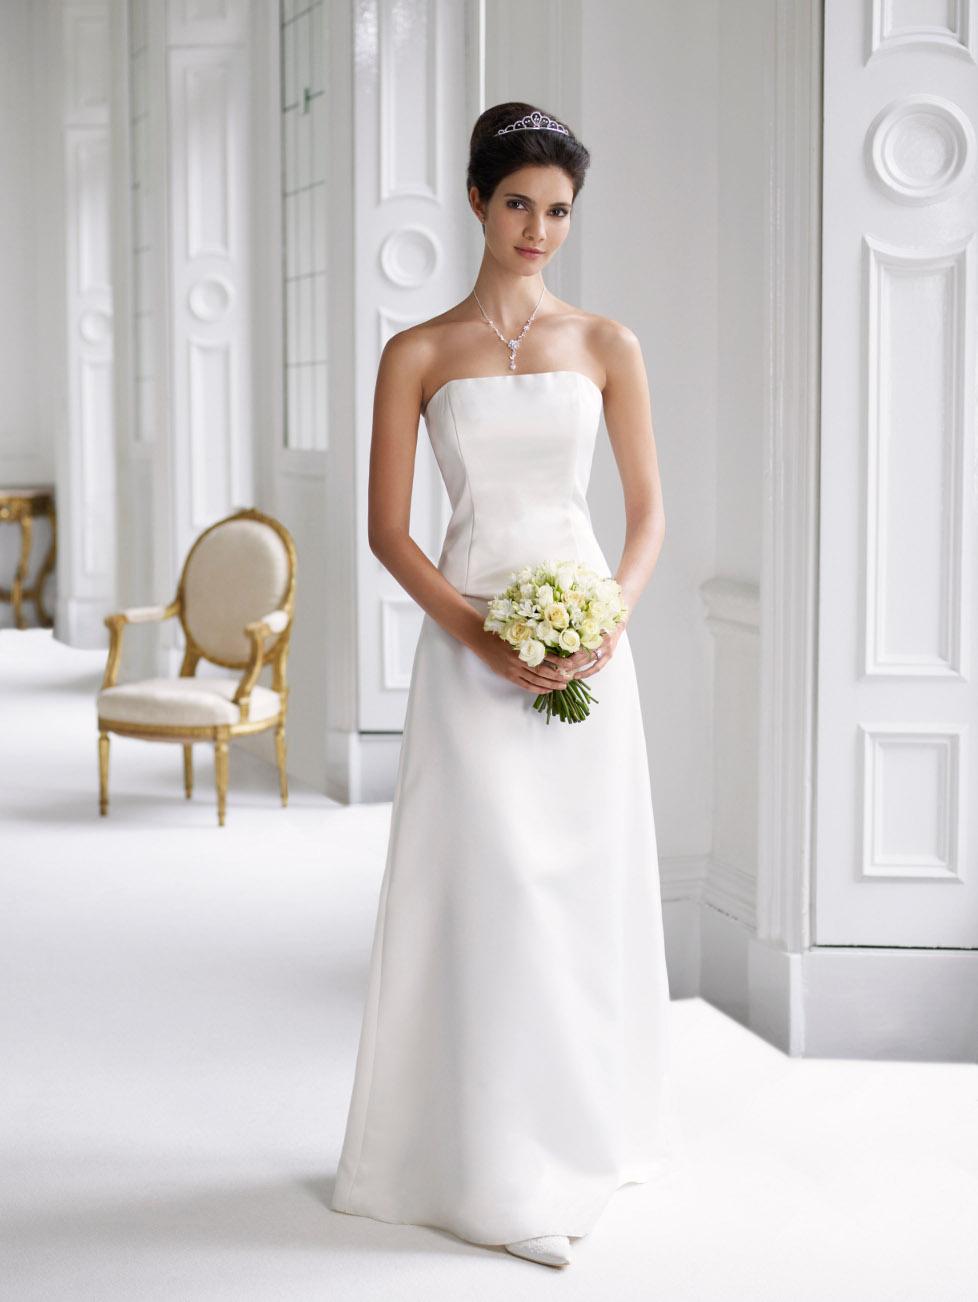 Brautkleider Günstig - Beste Brautkleide